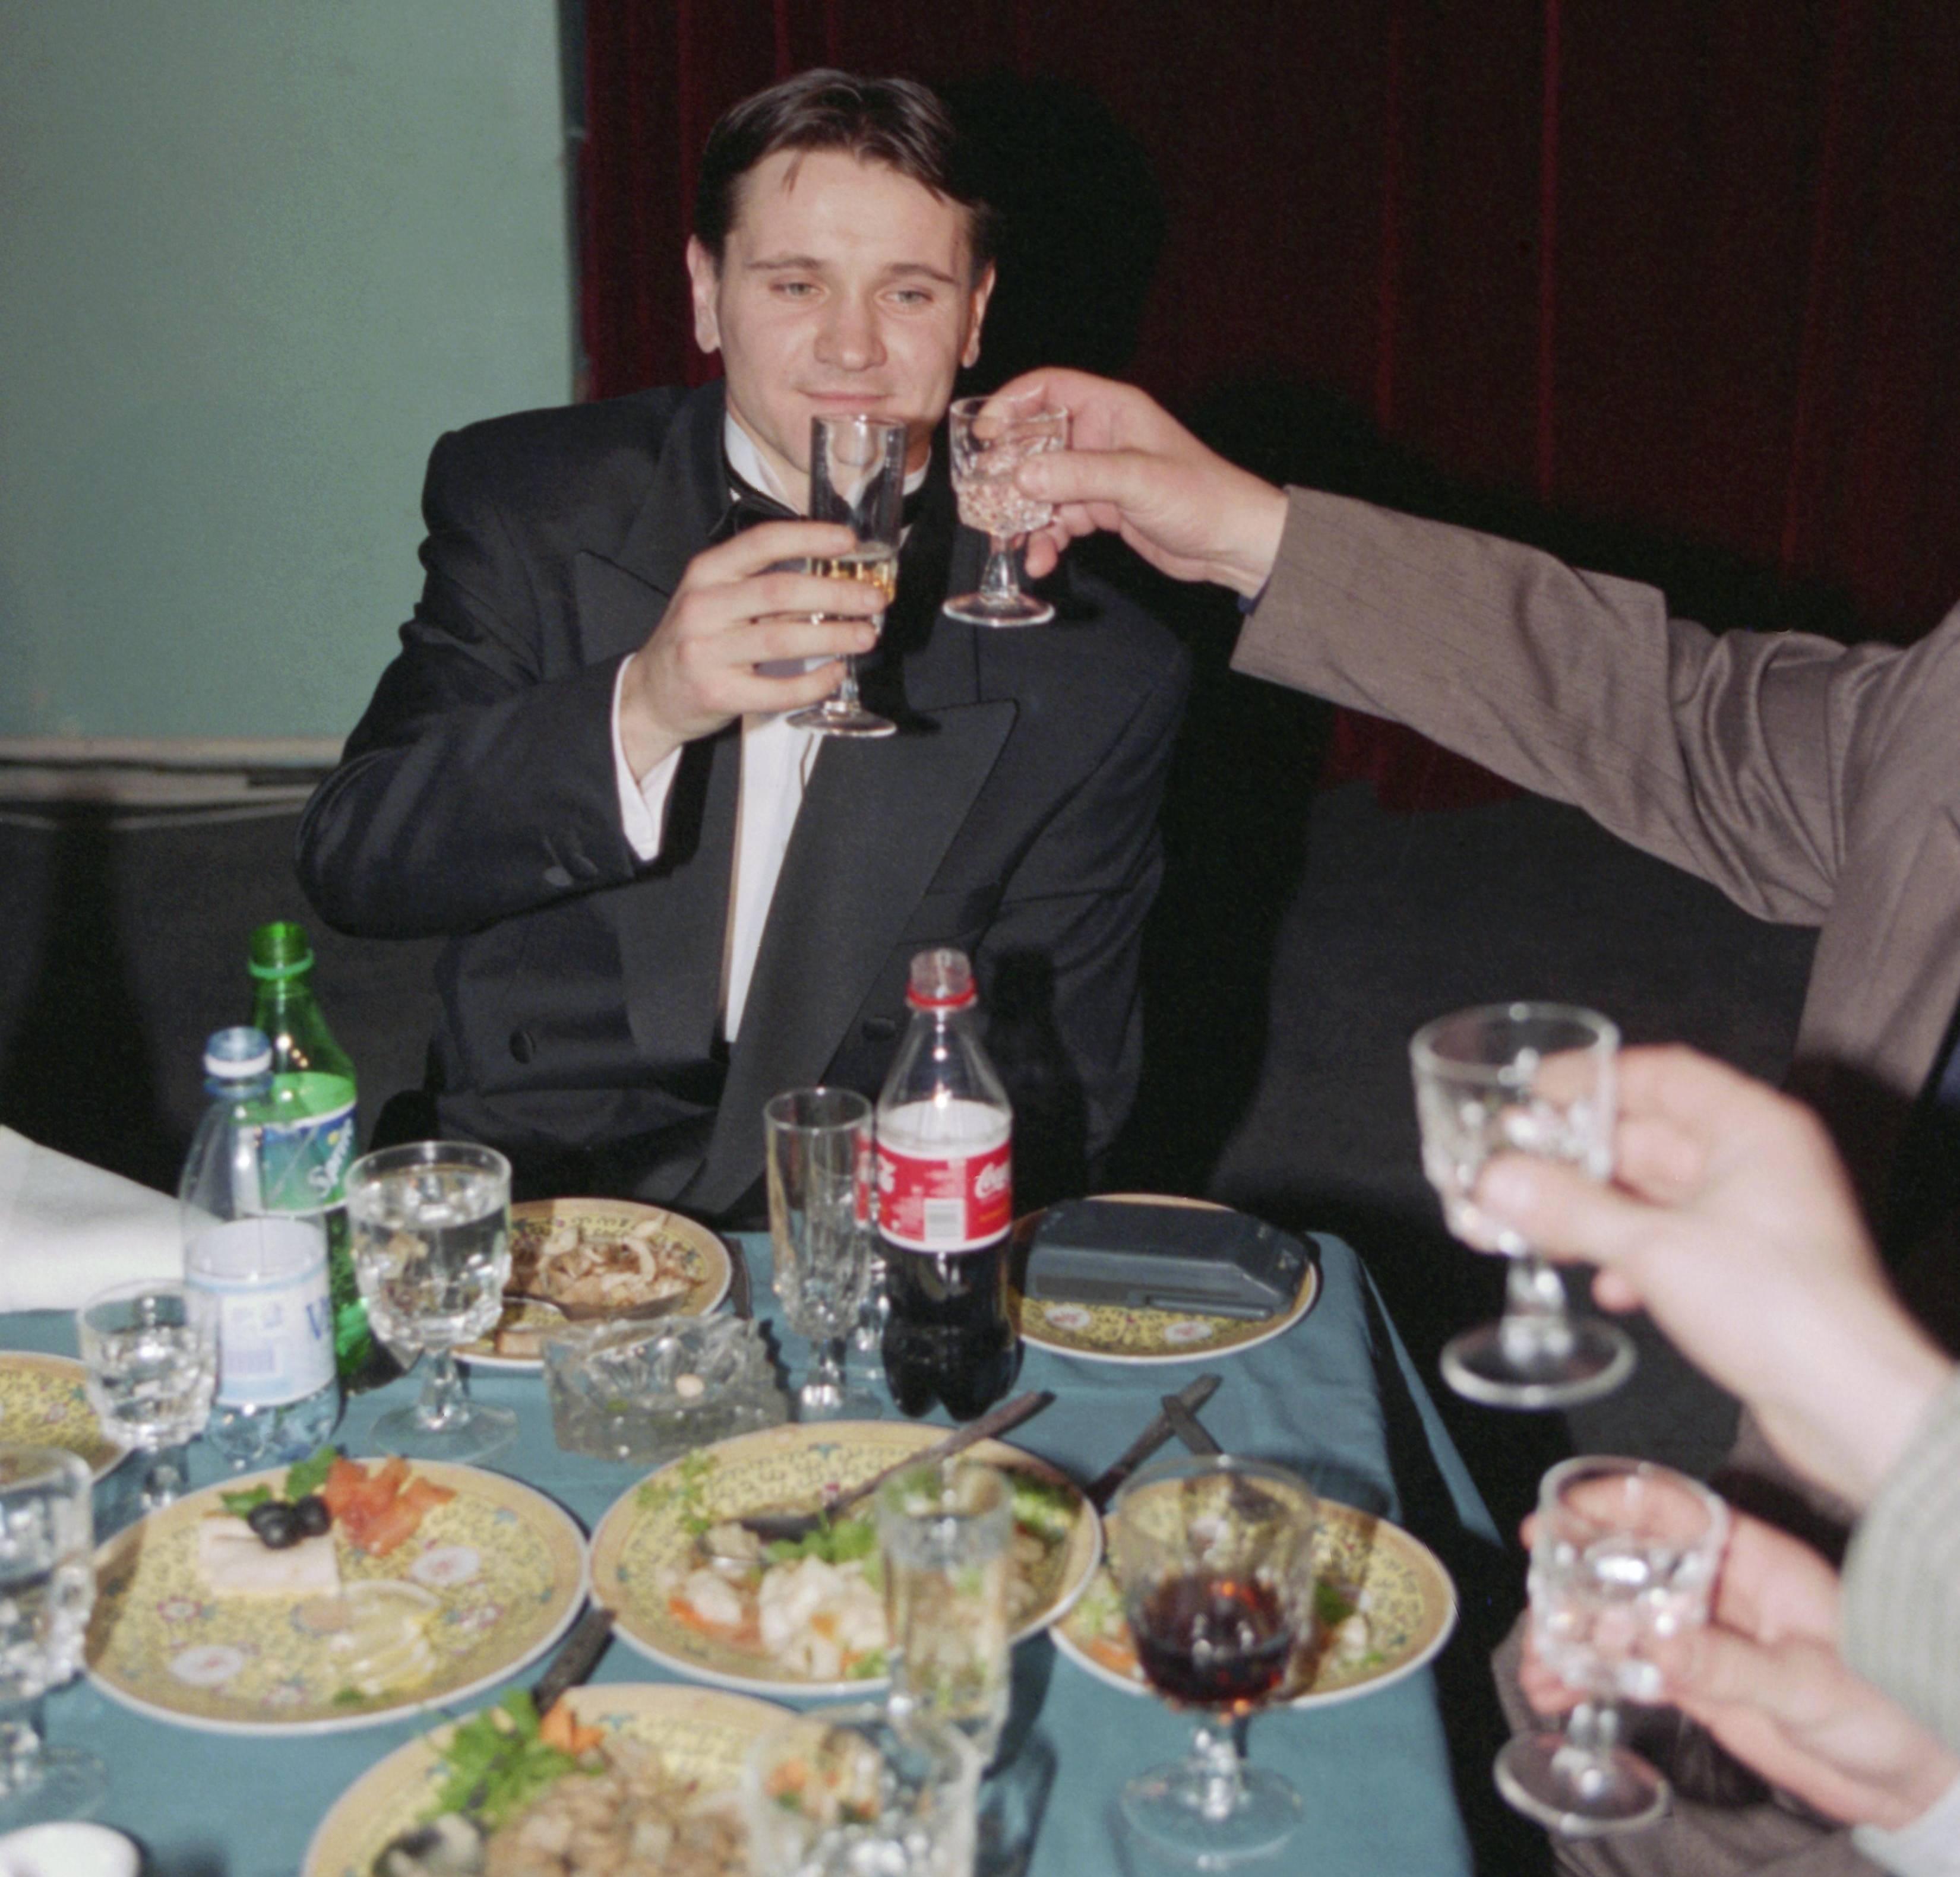 """Аленичев празднует подписание контракта с """"Ромой"""". Фото © ТАСС / Игорь Уткин"""